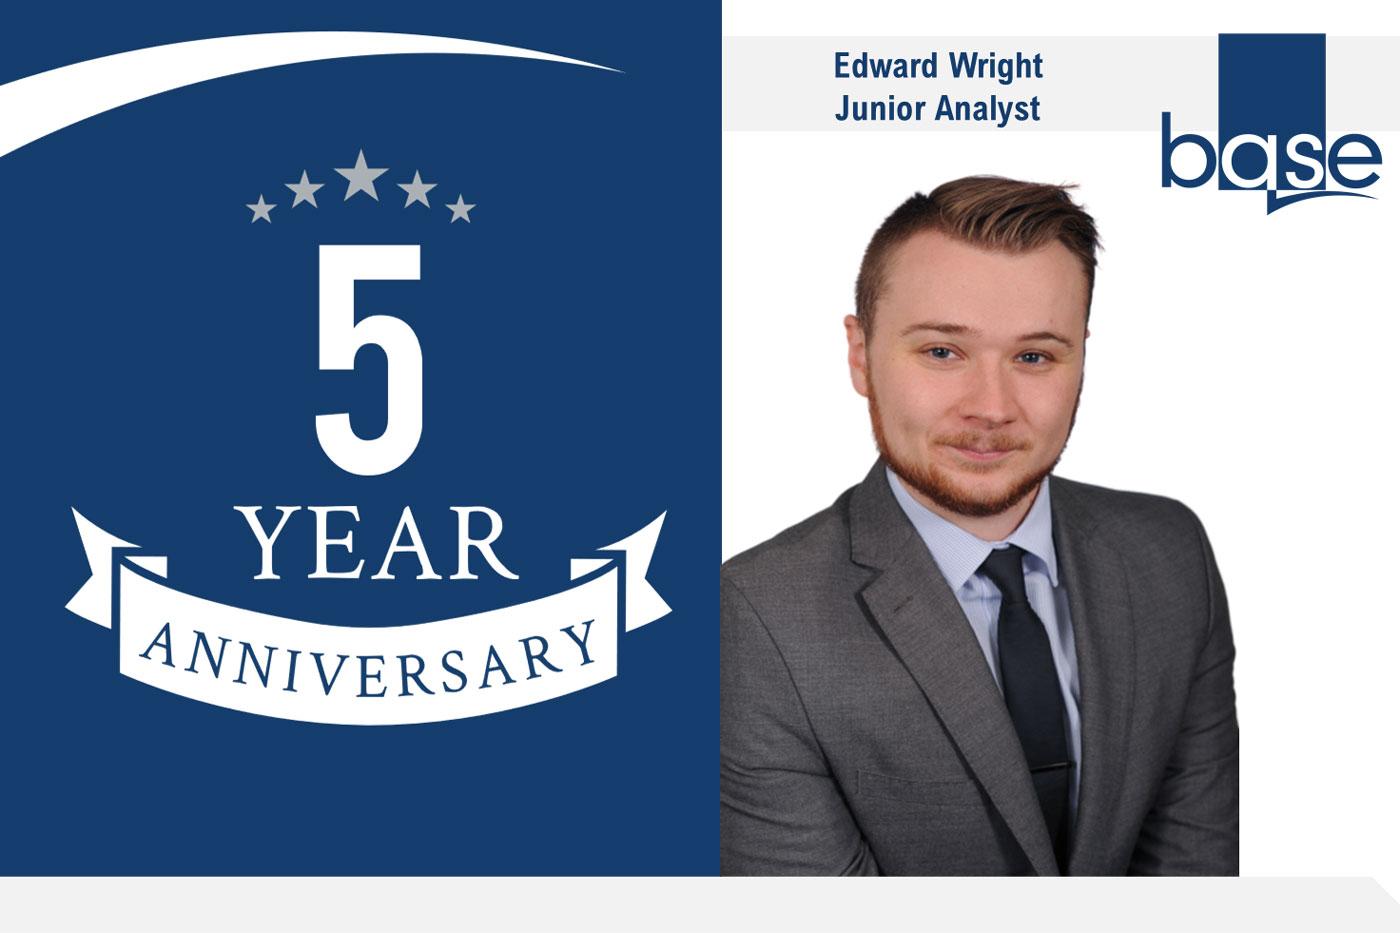 Ed Wright's 5 year anniversary